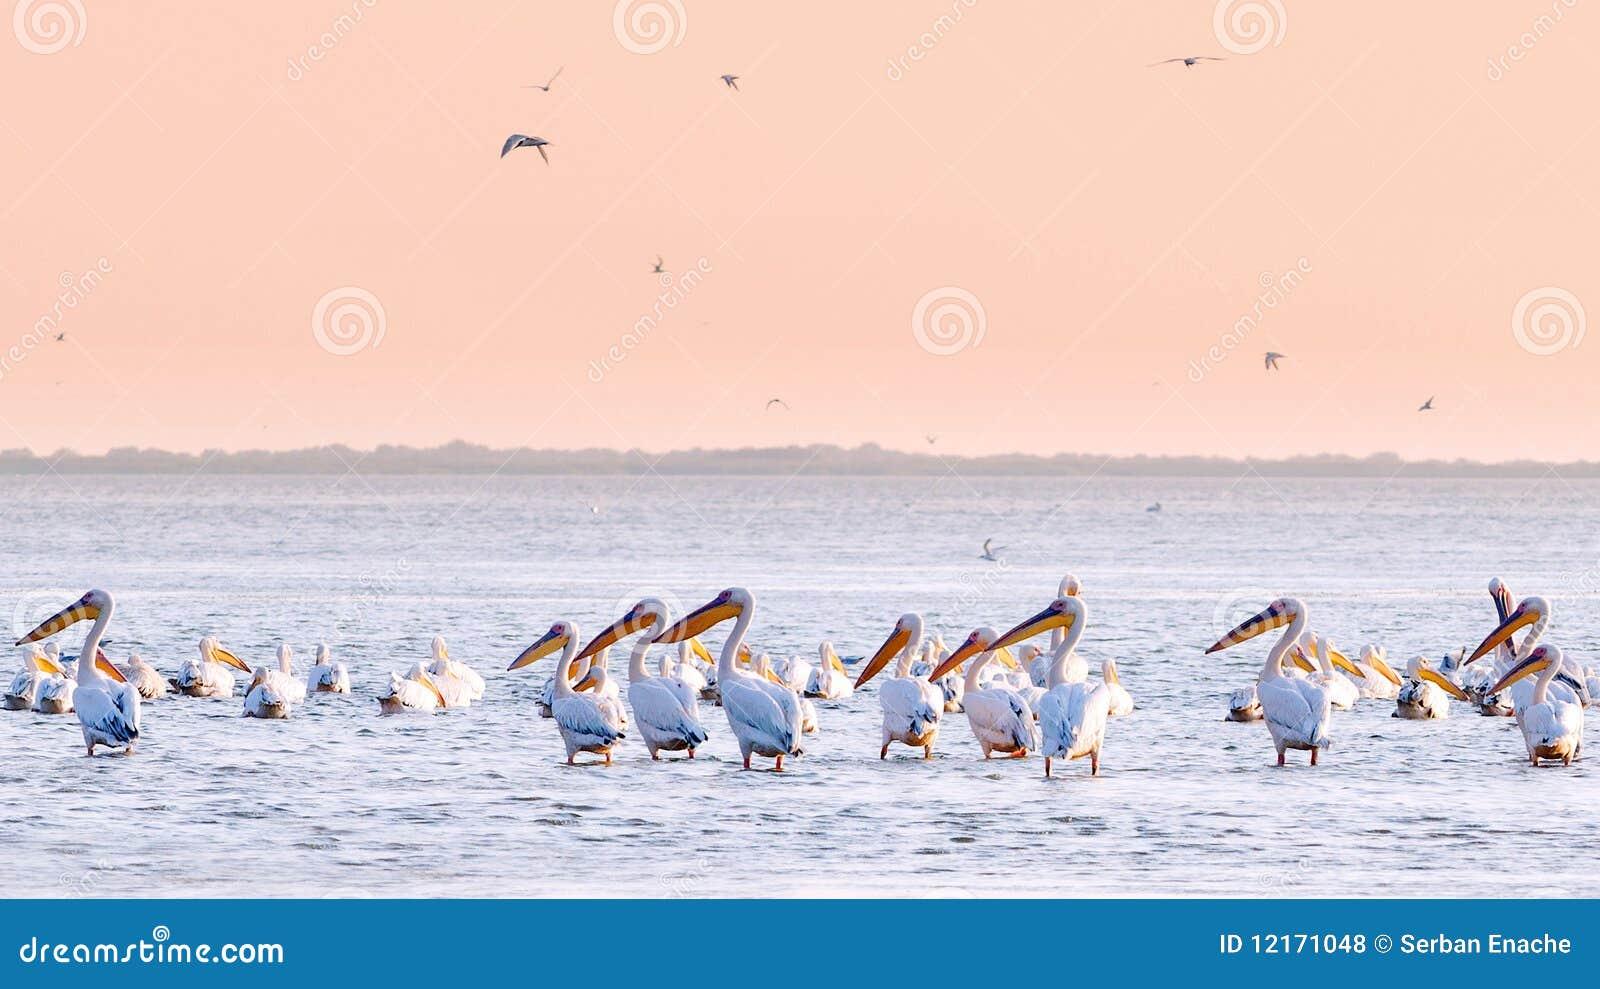 Pelicans in water